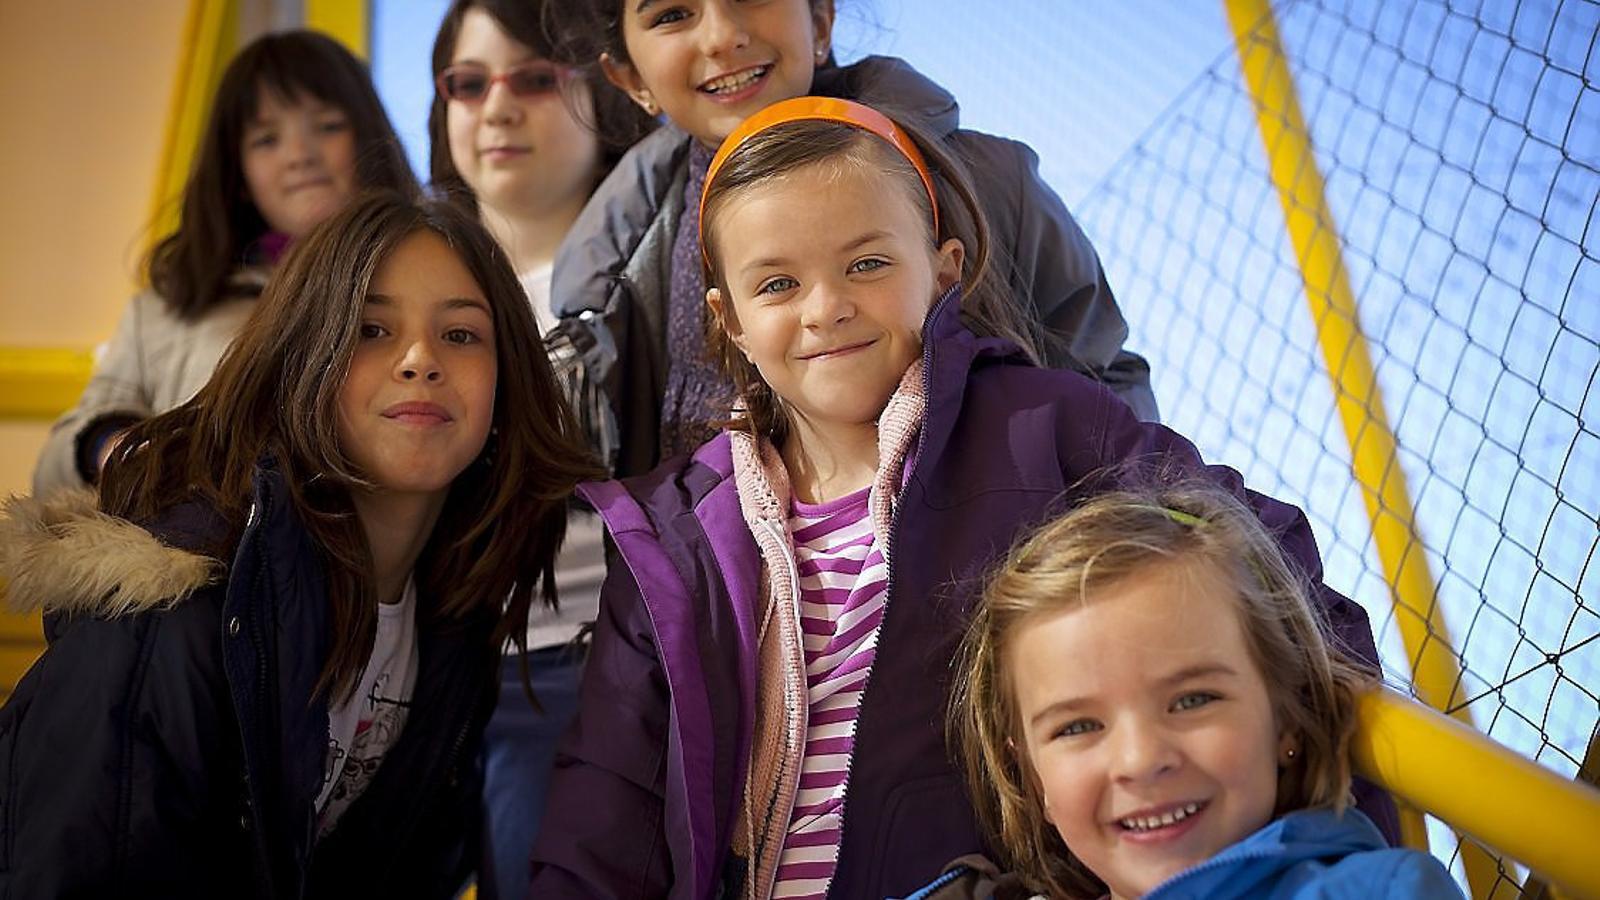 Cinc municipis de les Illes Balears, Ciutats Amigues de la Infància